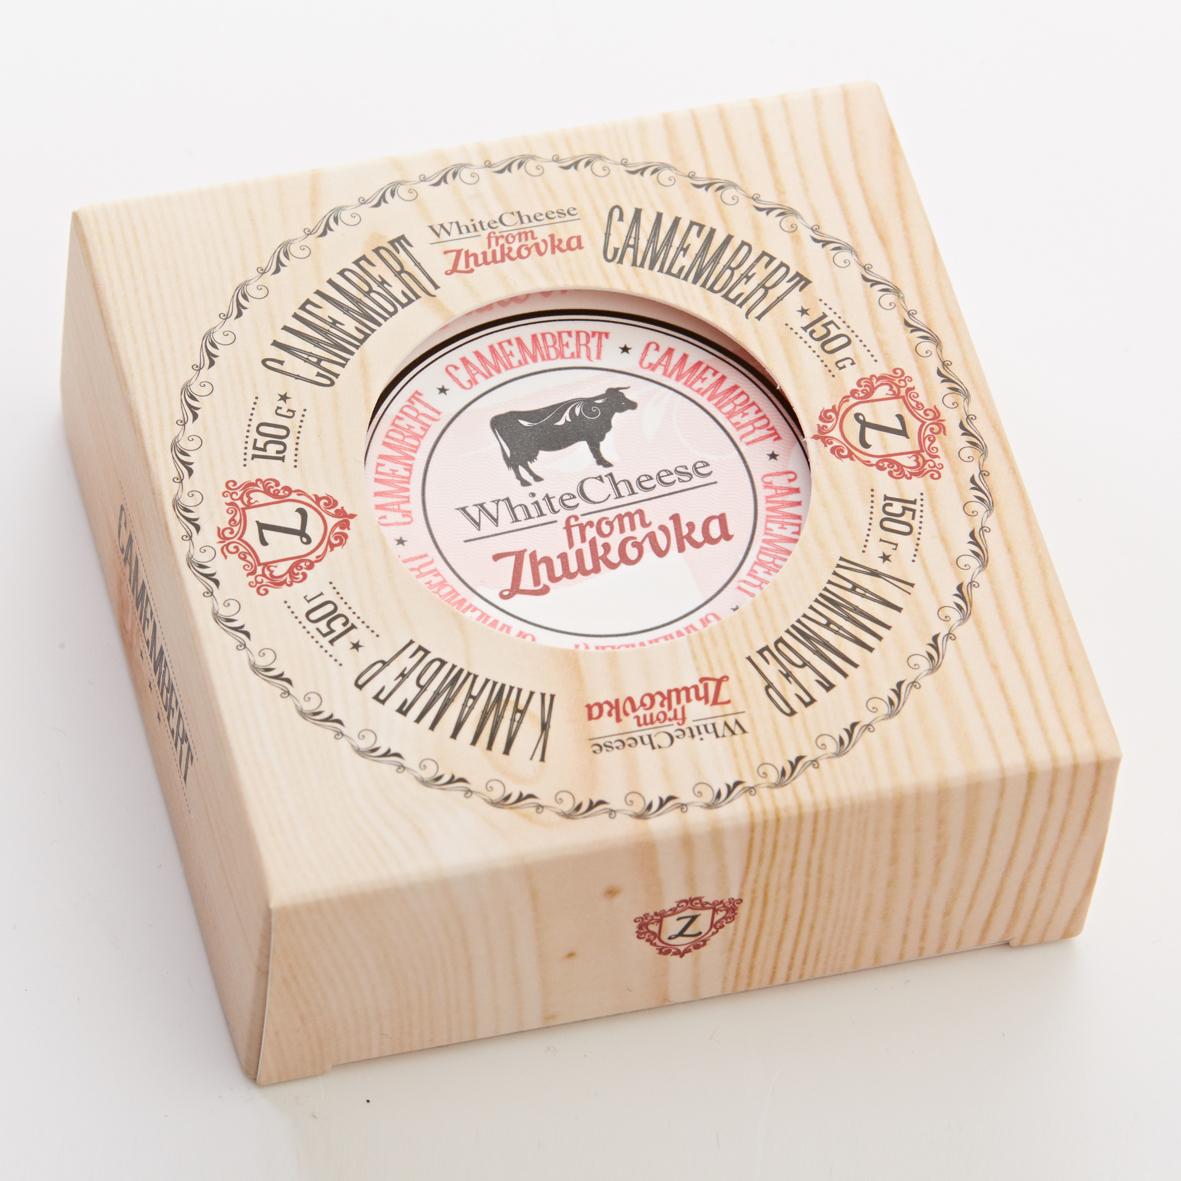 Сыр Камамбер White Cheese from Zhukovka /картон/ 150 гр